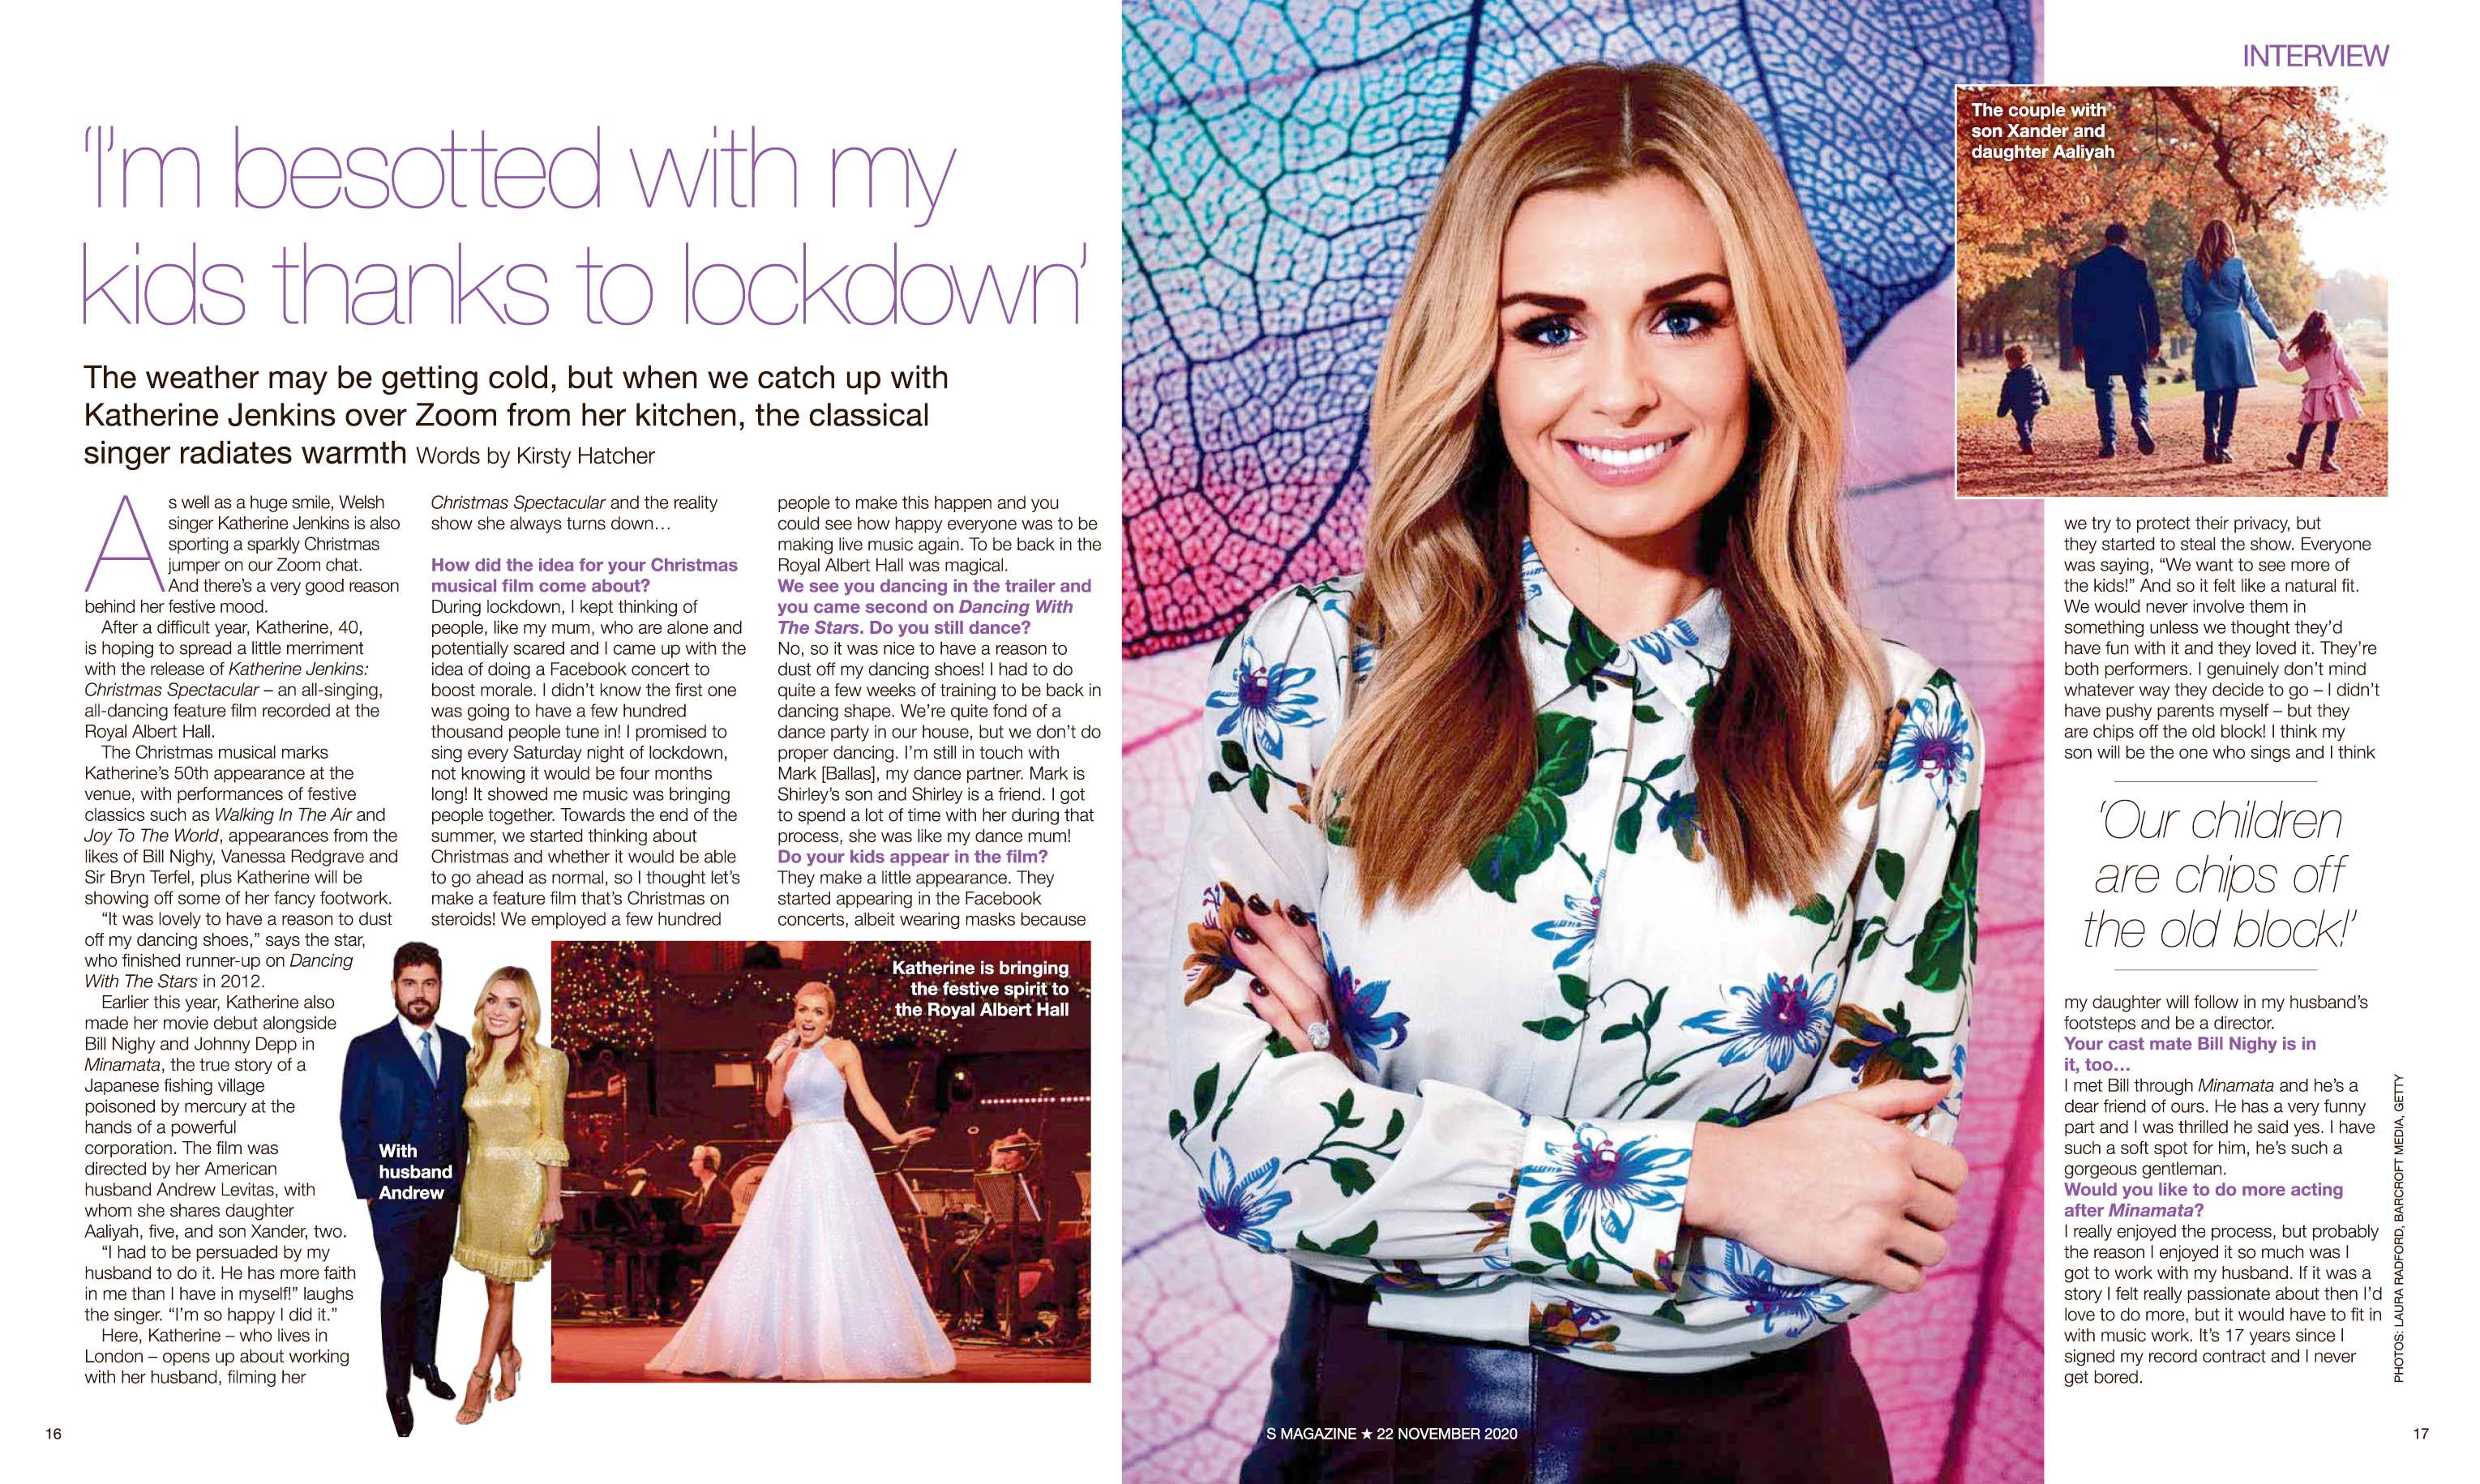 Sunday Express Magazine 201122 KJenkins 02.jpg